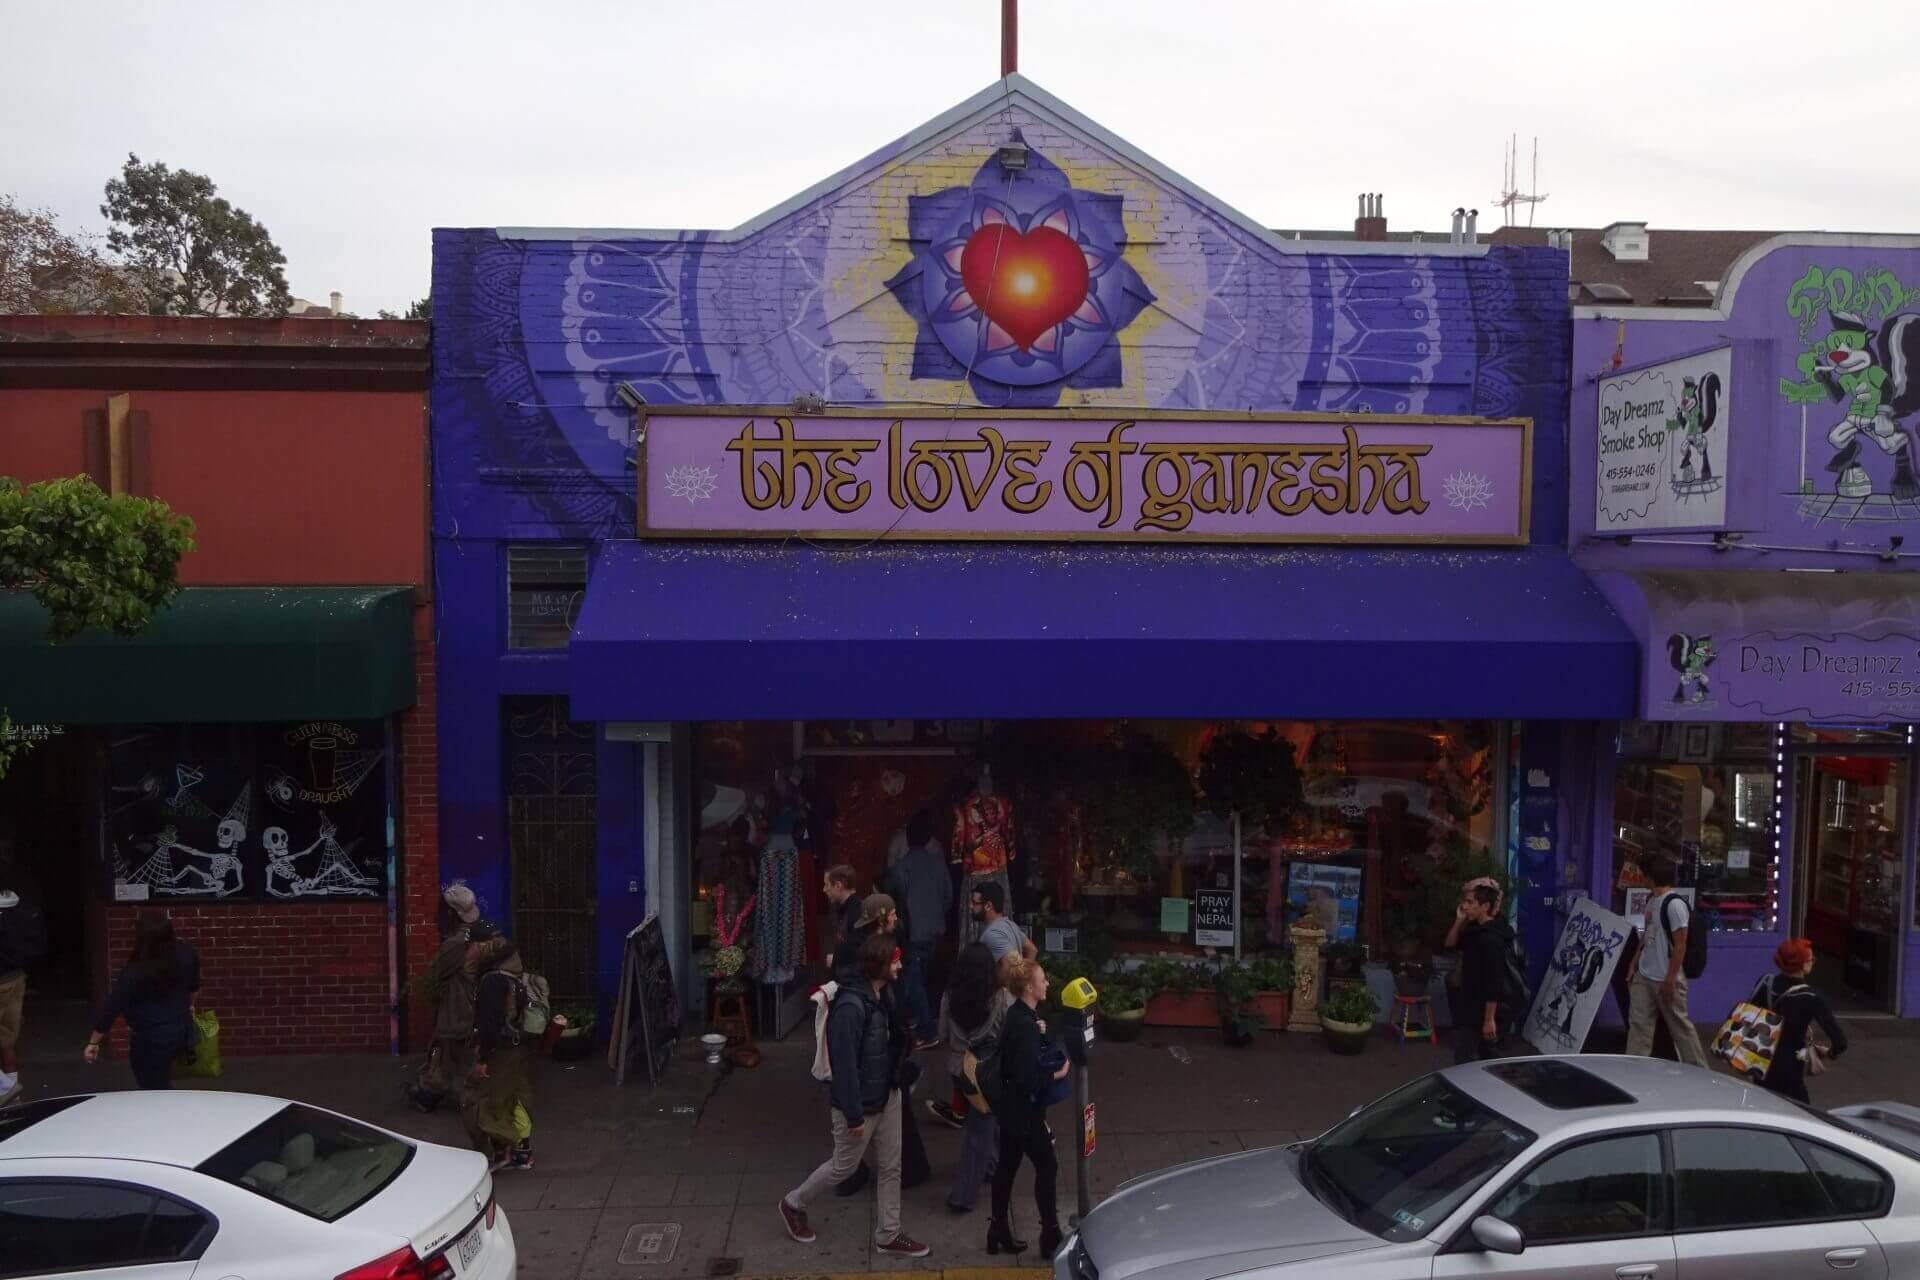 Love of Ganesha. Bilder und Eindrücke aus San Francisco, California, United States.